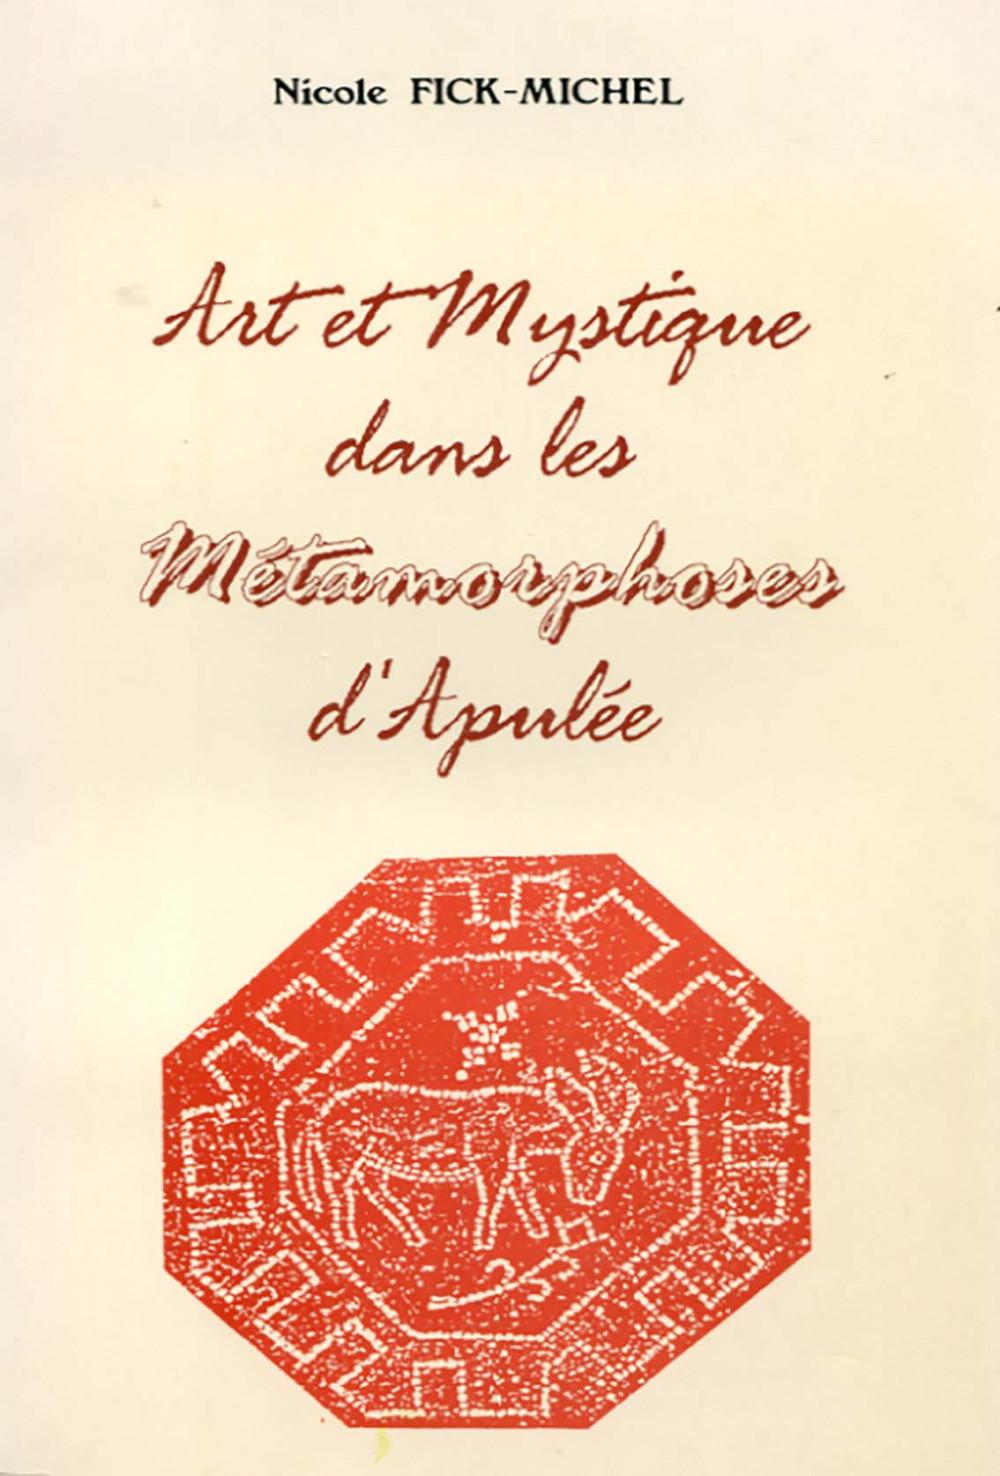 Art et mystique dans les <i>Métamorphoses</i> d'Apulée